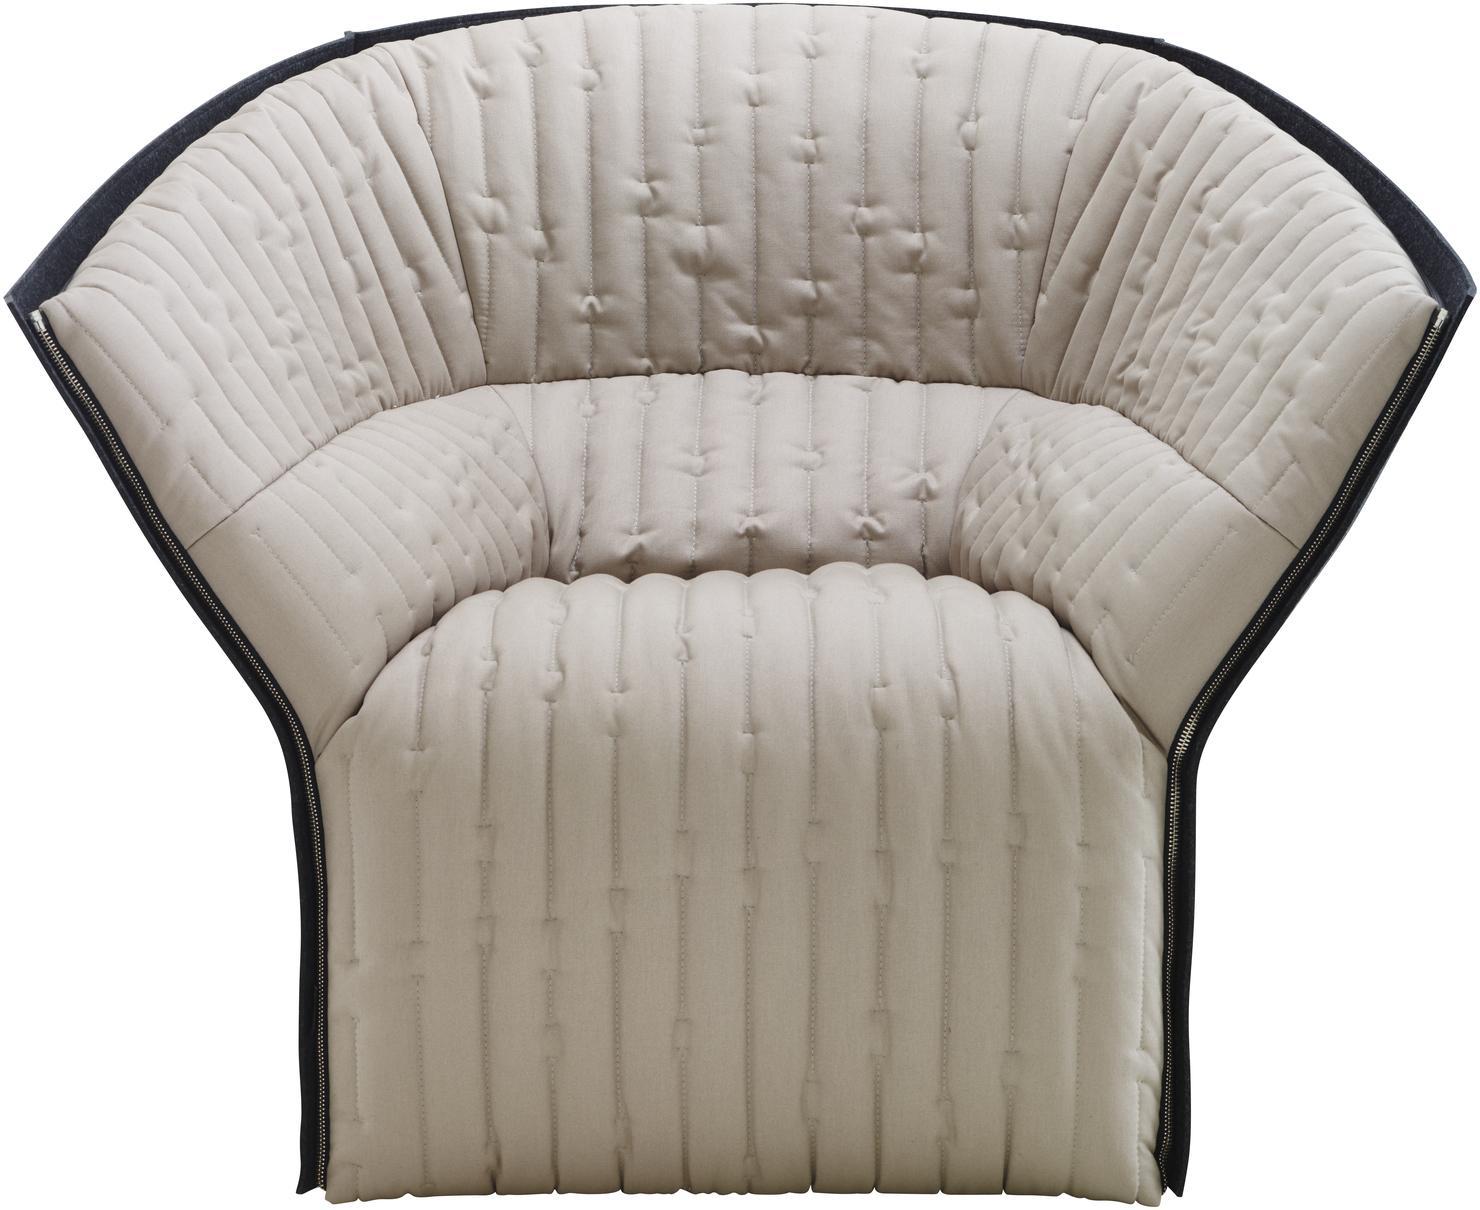 moel 2 sessel designer inga semp ligne roset. Black Bedroom Furniture Sets. Home Design Ideas